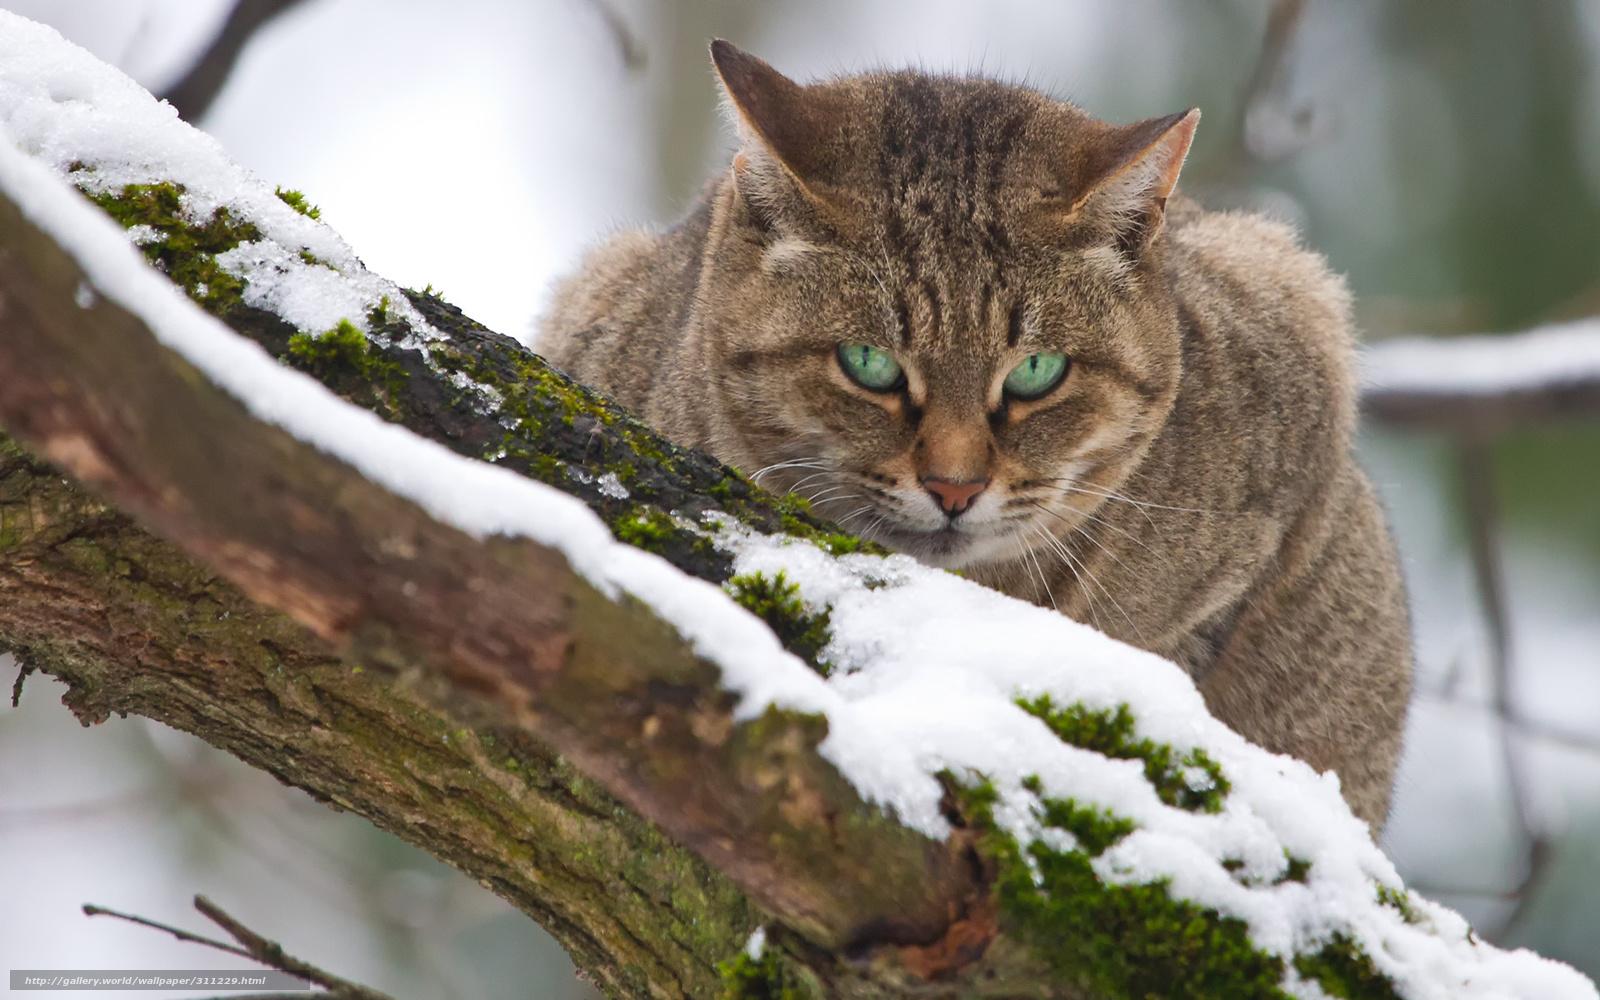 Tlcharger fond d 39 ecran chat arbre hiver fonds d 39 ecran for Fond ecran hiver animaux